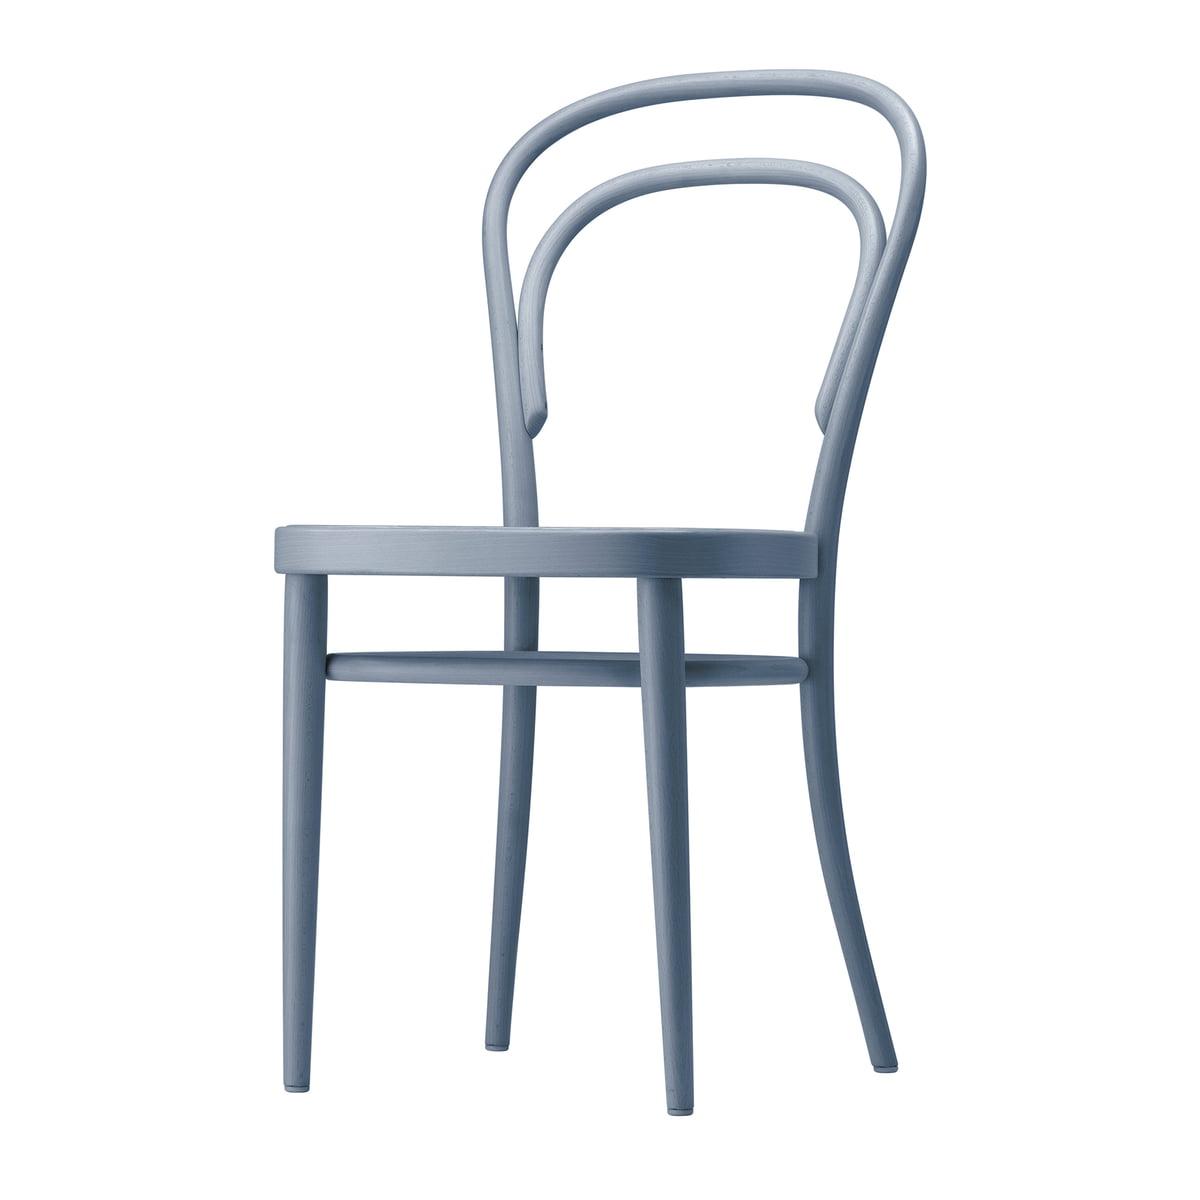 Thonet - 214 M Bugholzstuhl, Muldensitz Formsperrholz / Buche taubenblau gebeizt (TP 257) | Küche und Esszimmer > Stühle und Hocker > Holzstühle | Taubenblau | Thonet